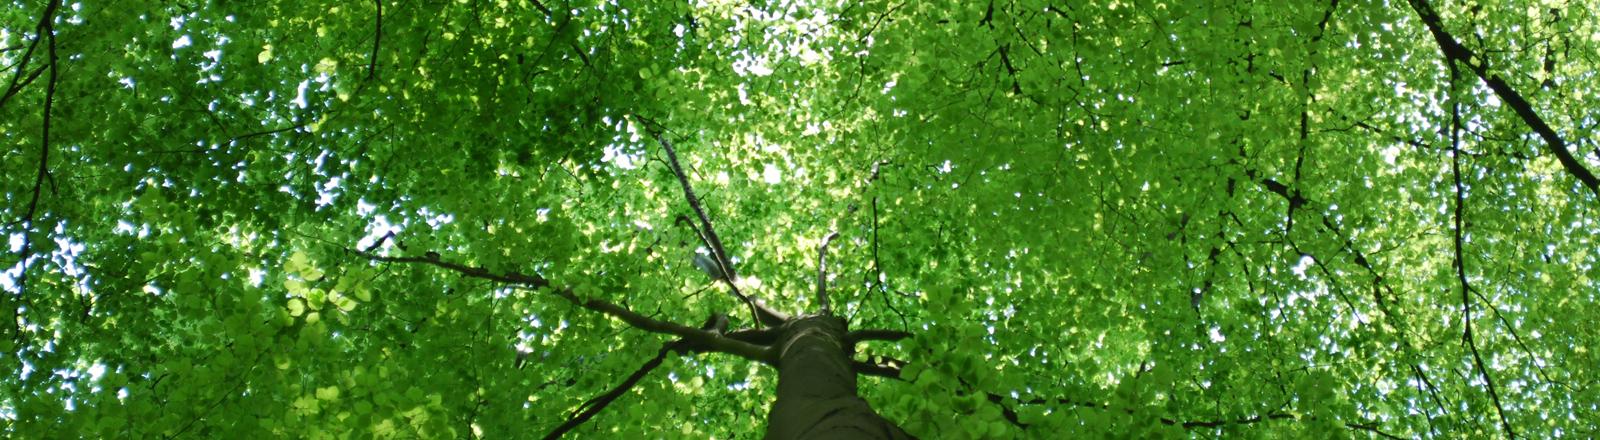 Buche im Naturwald